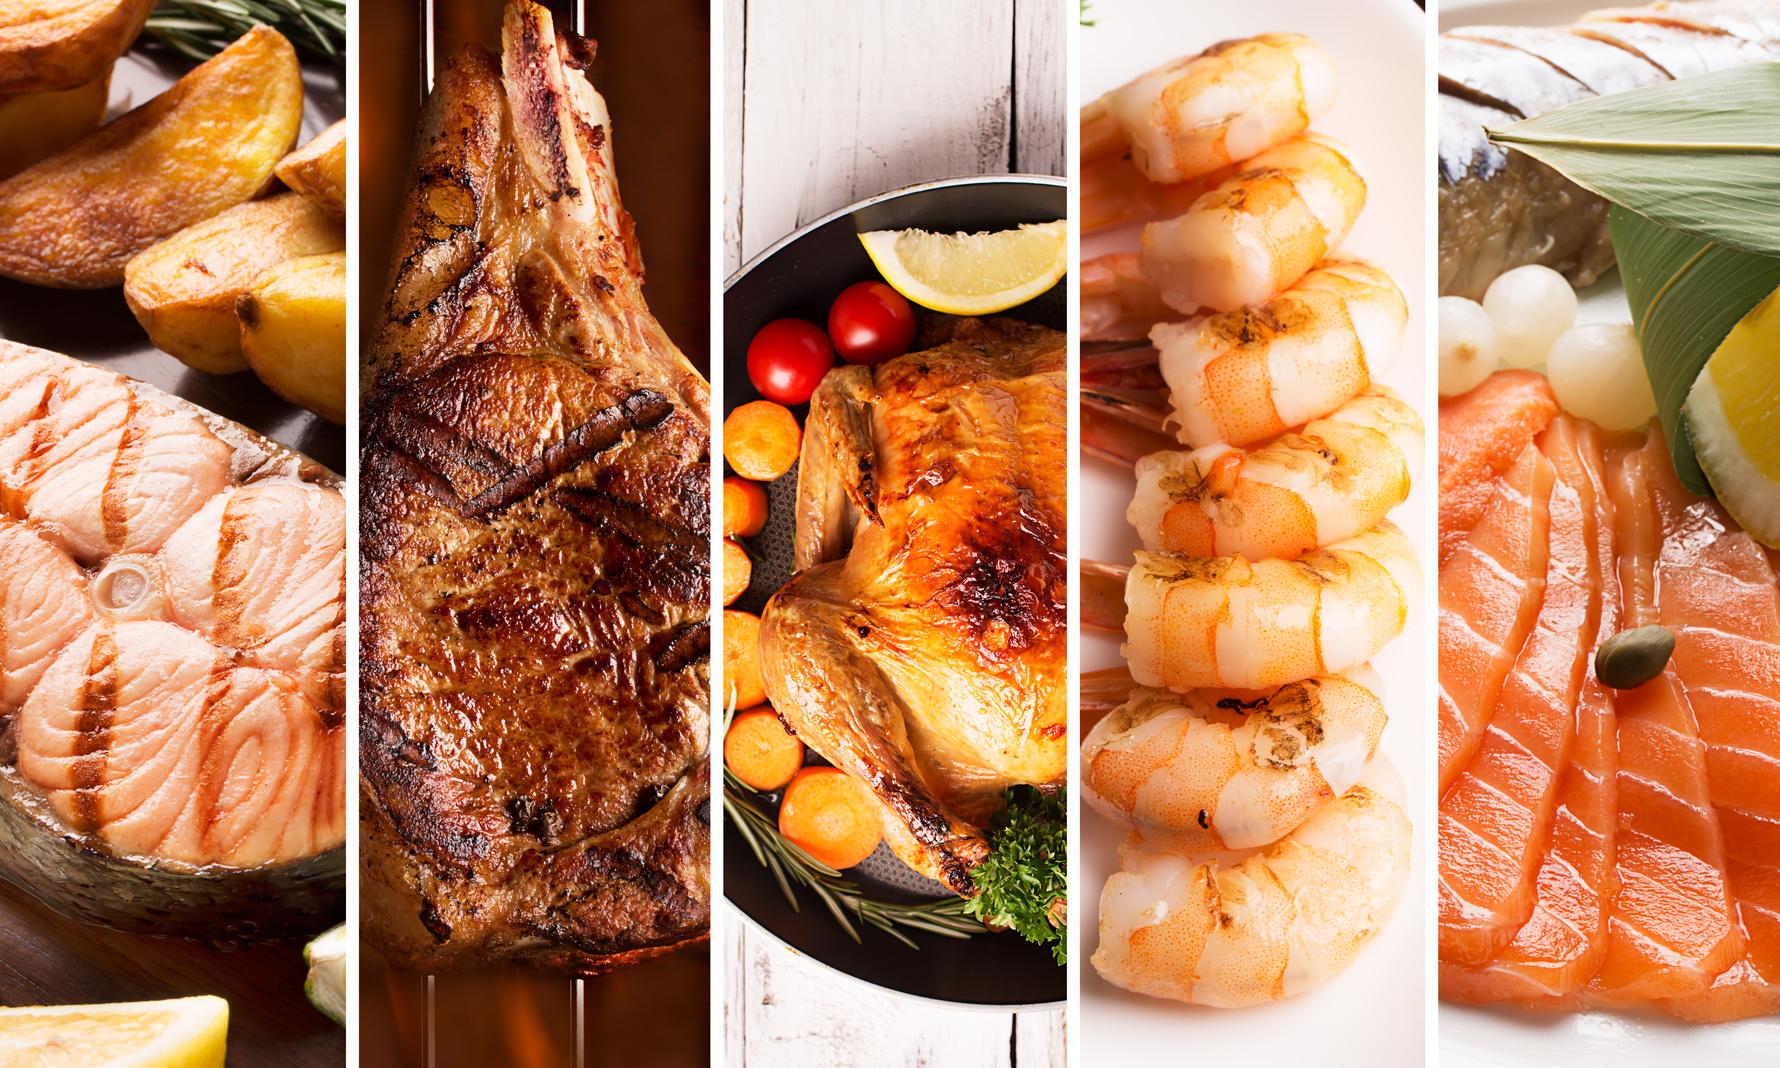 Beim Grillen abnehmen: Fisch und Fleisch zum Grillen